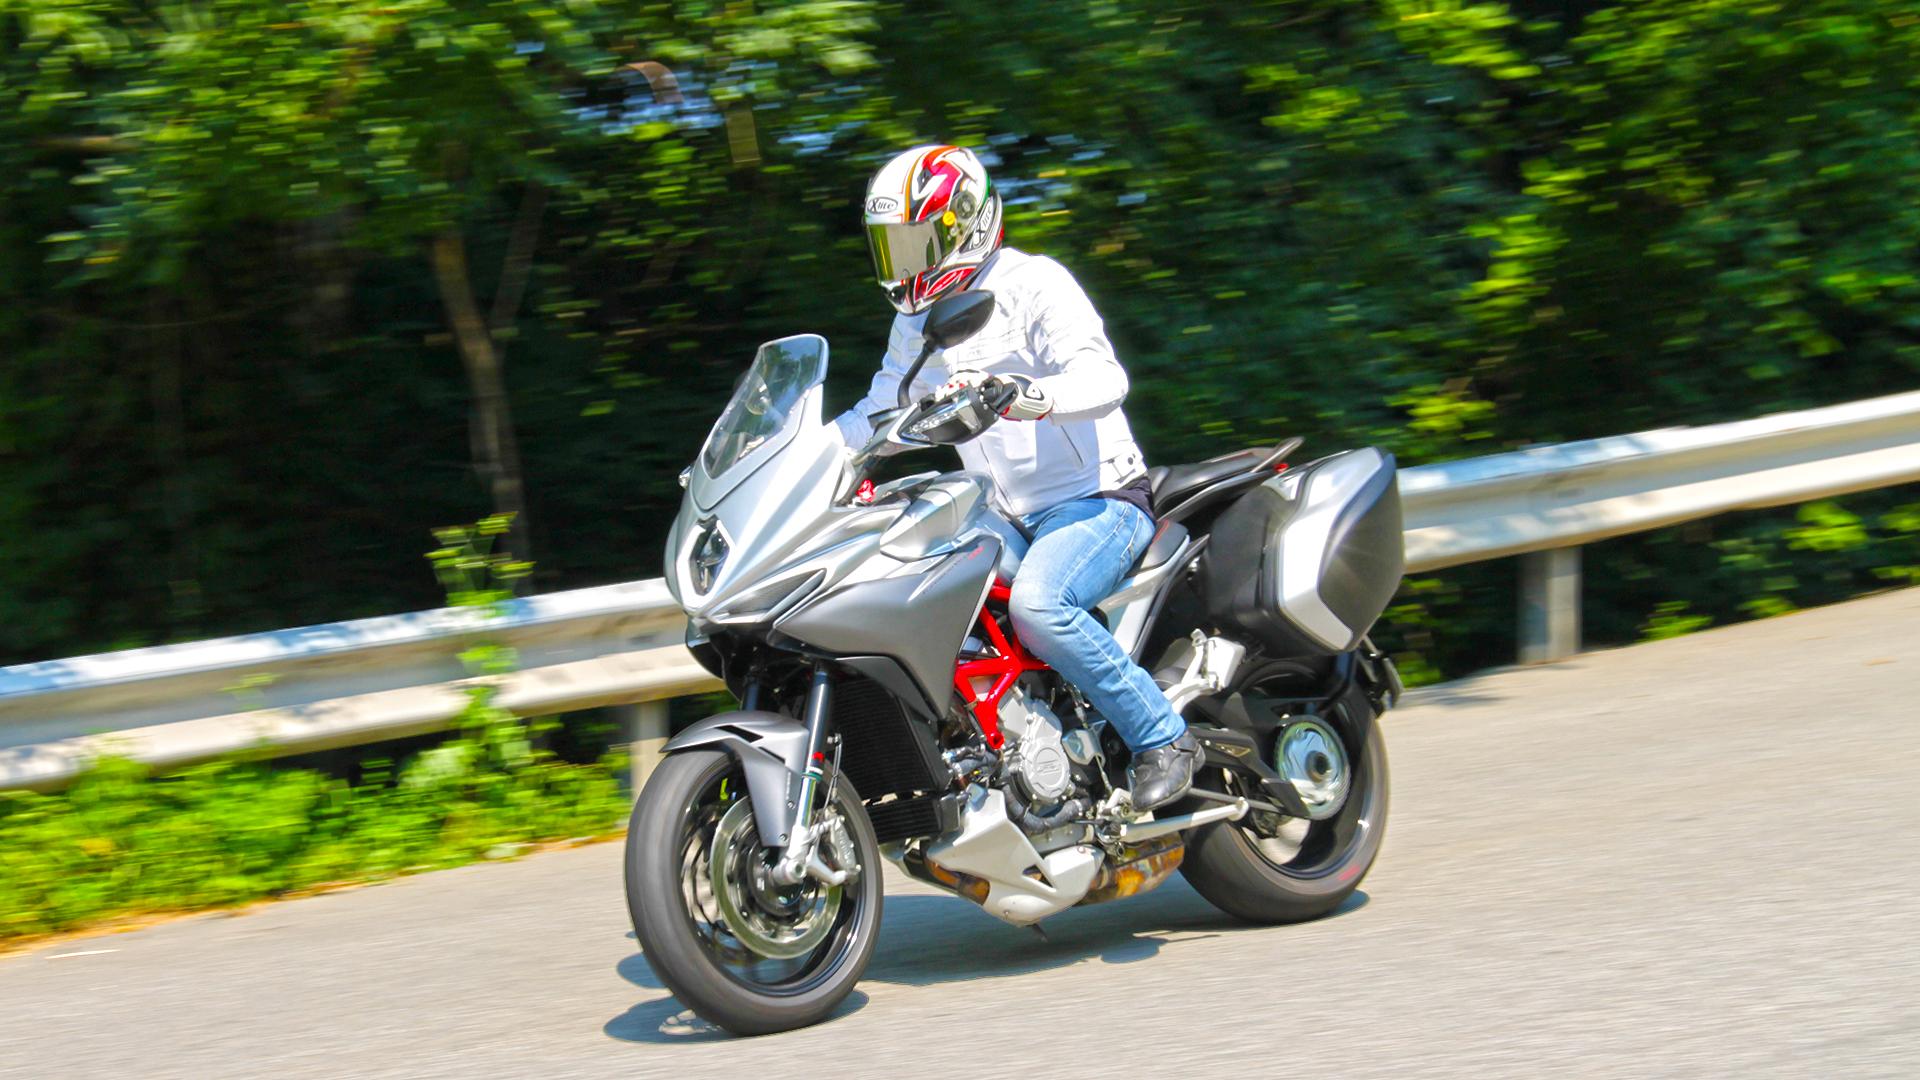 mv-agusta-turismo-veloce-prova-test